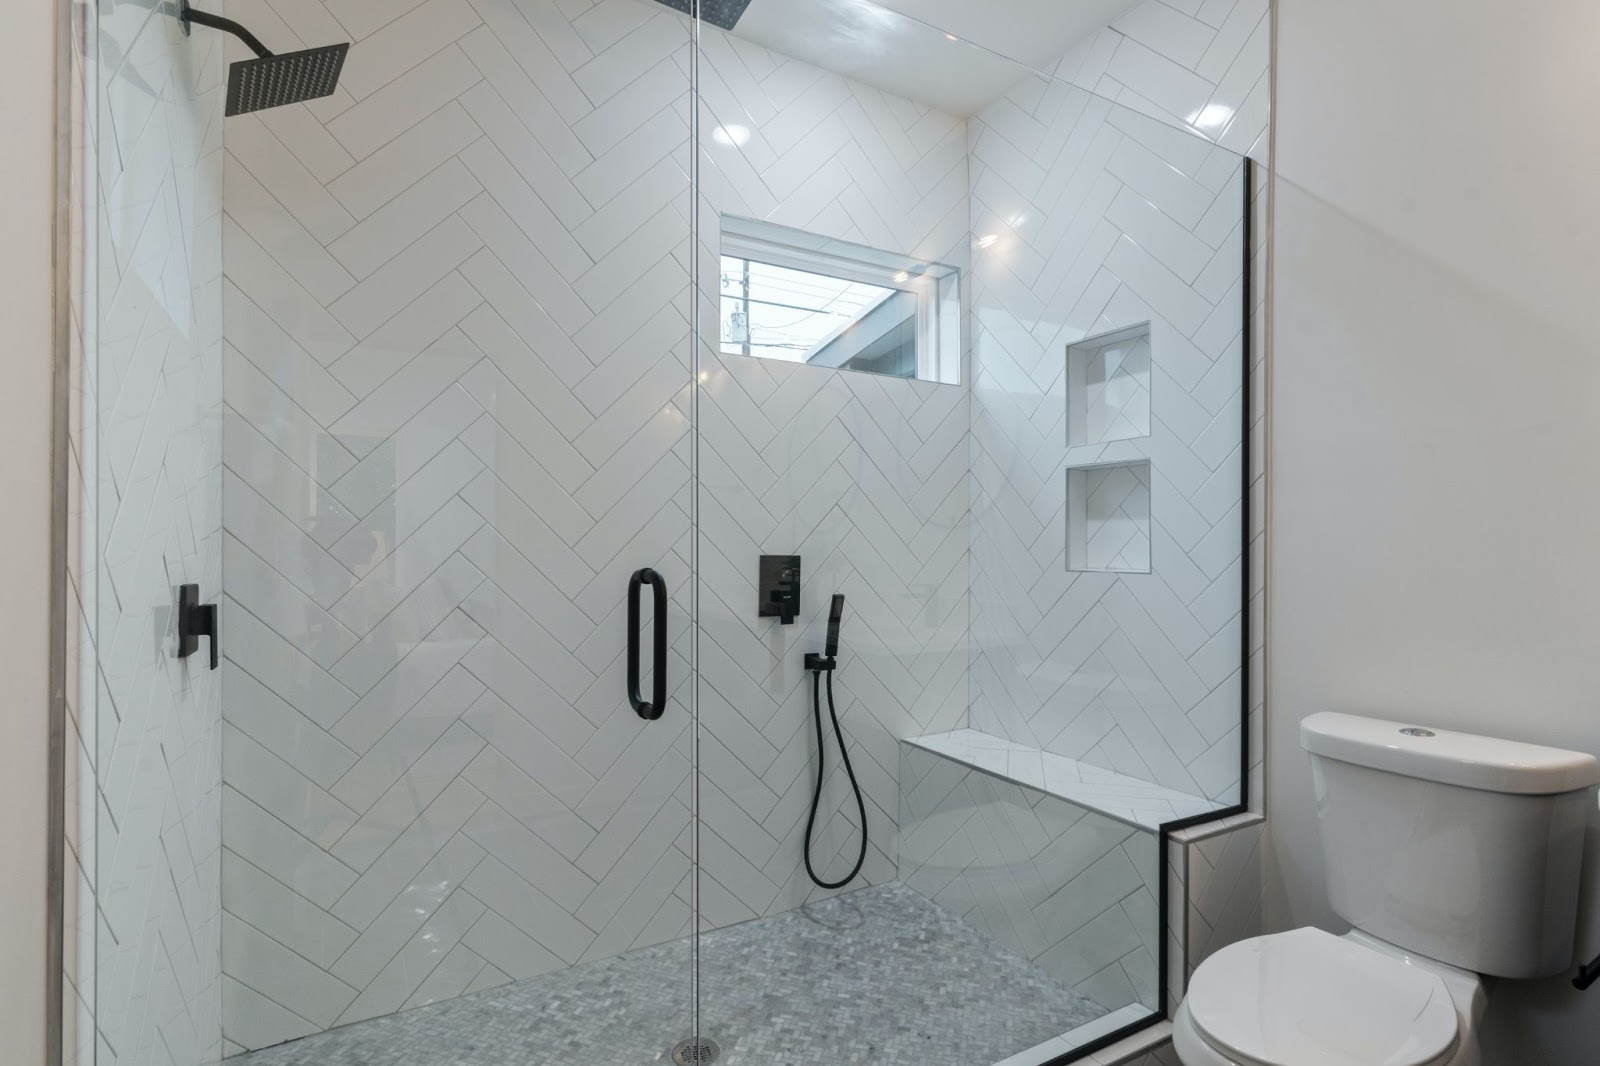 Choosing custom steel shower doors for your bathroom